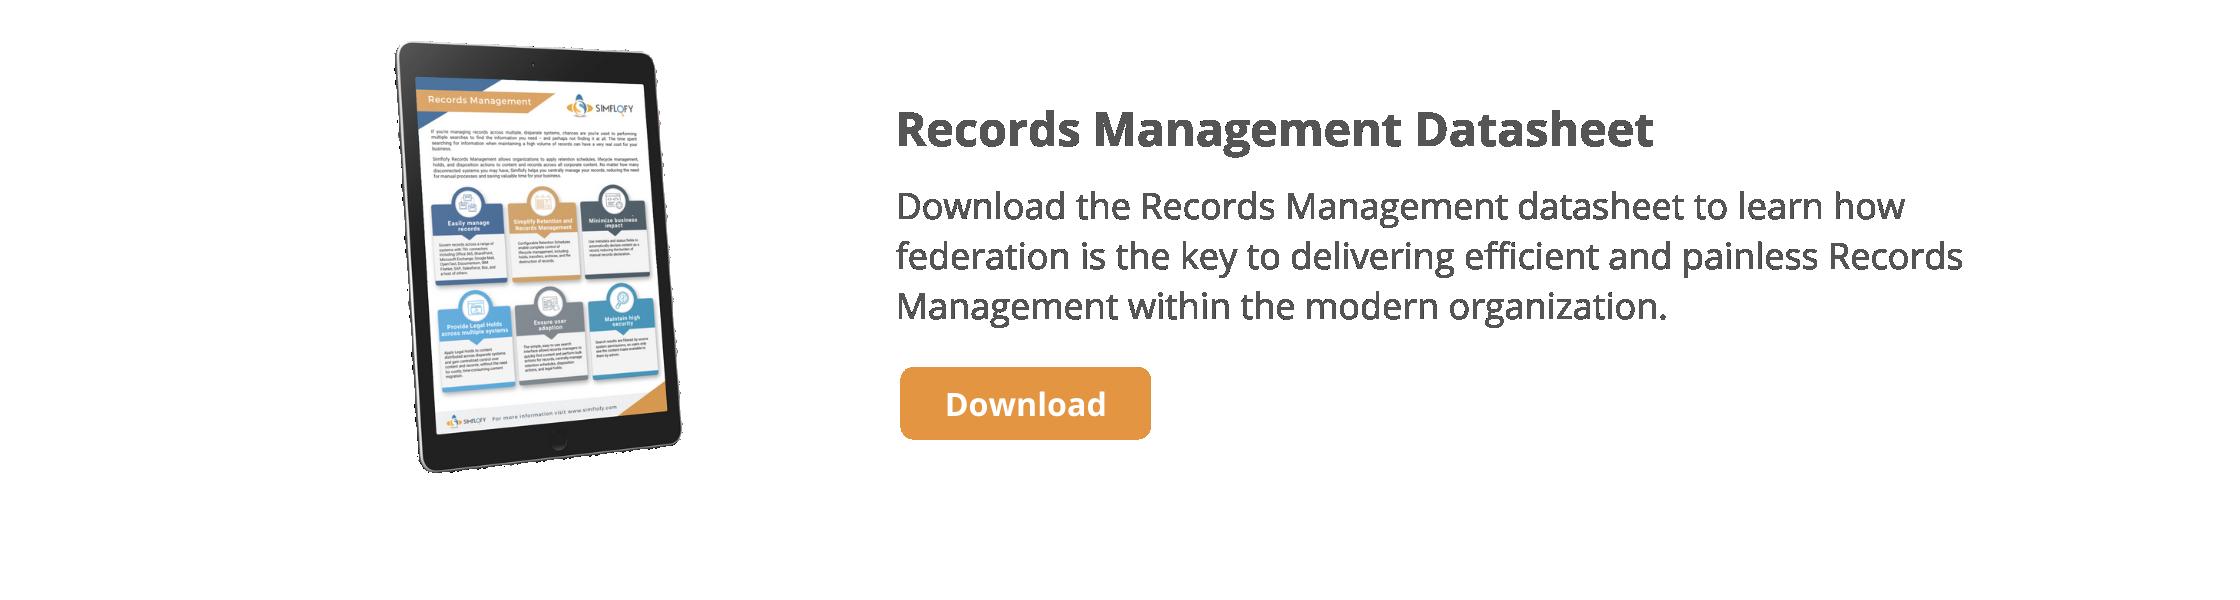 Records Management Datasheet